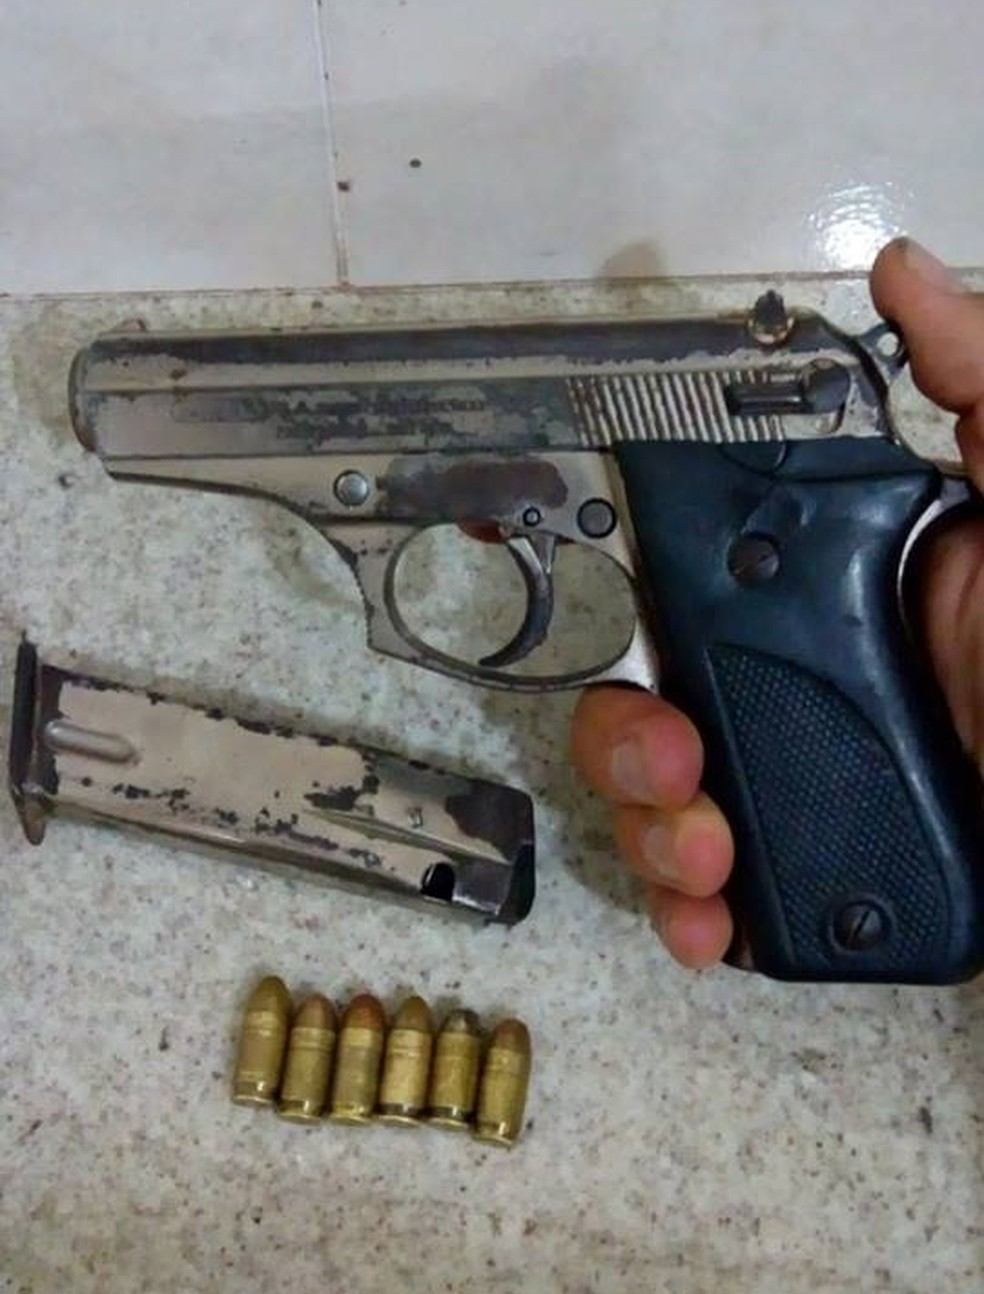 Arma utilizada no roubo ao salão de beleza foi apreendida pela polícia em Rio Preto (Foto: Divulgação/Polícia Militar)